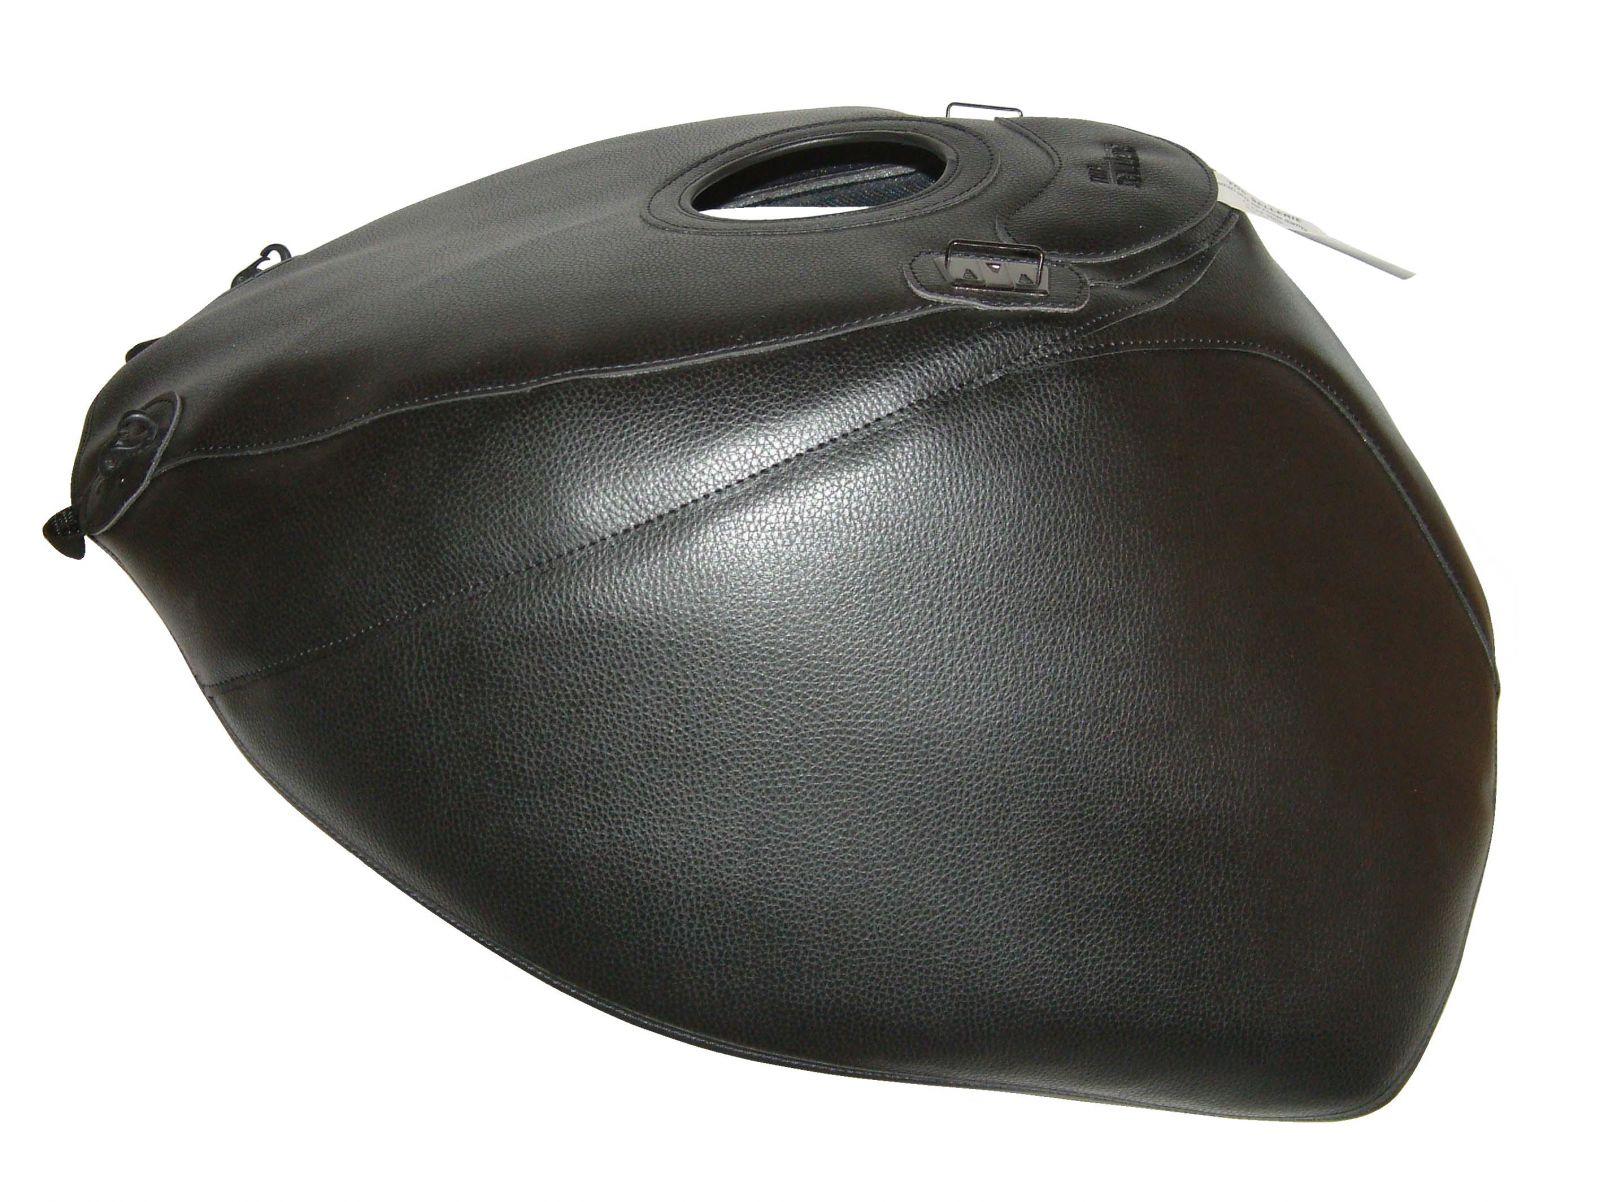 Copri serbatoio TPR3898 - SUZUKI GSX-R 600 [2003-2003]